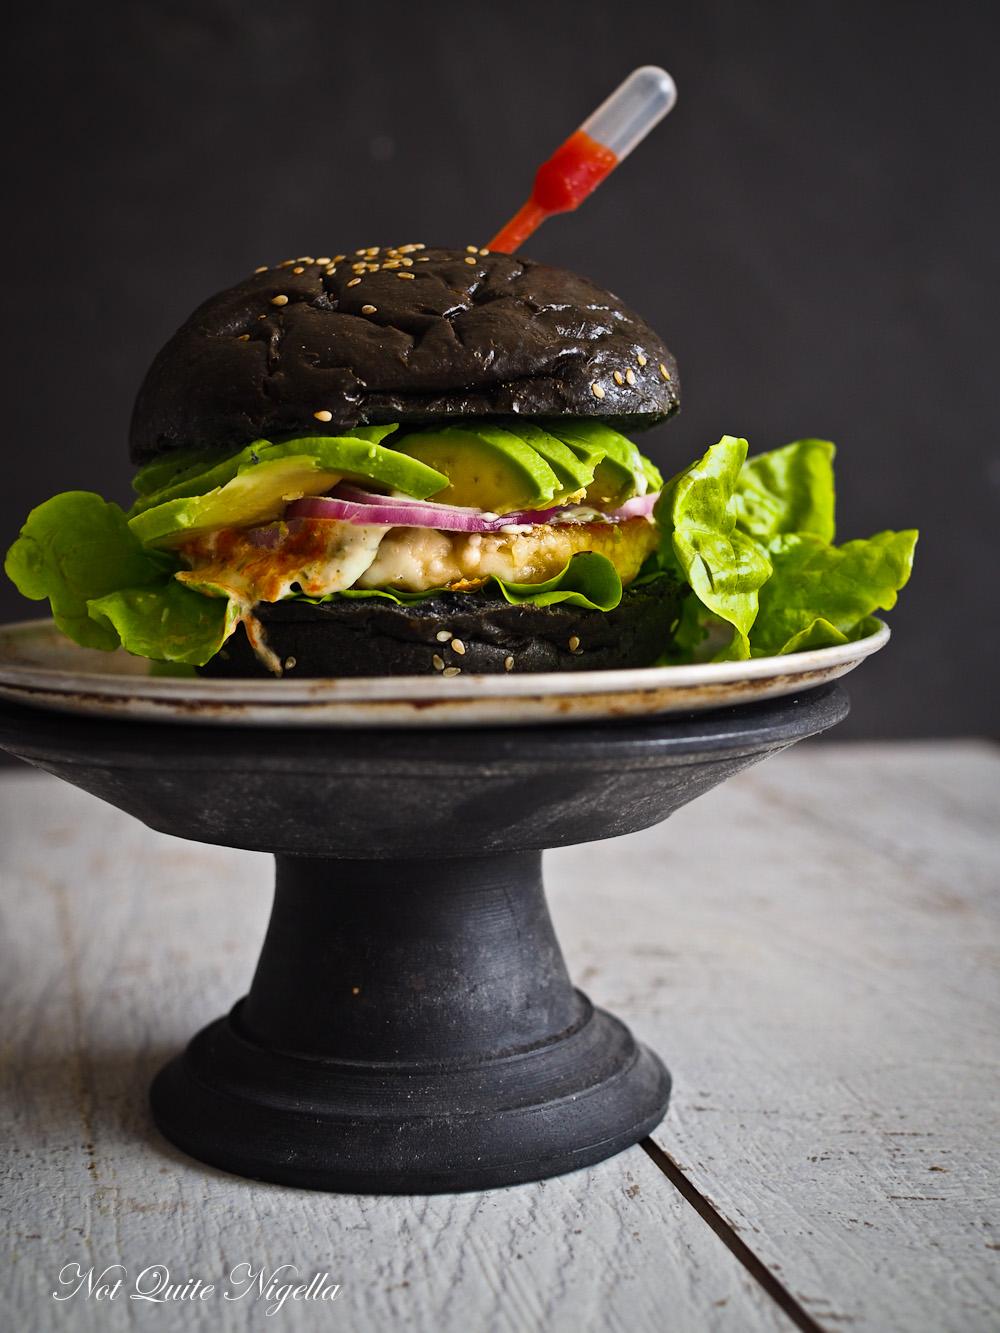 Halloumi Tapioca Vegetarian Burgers